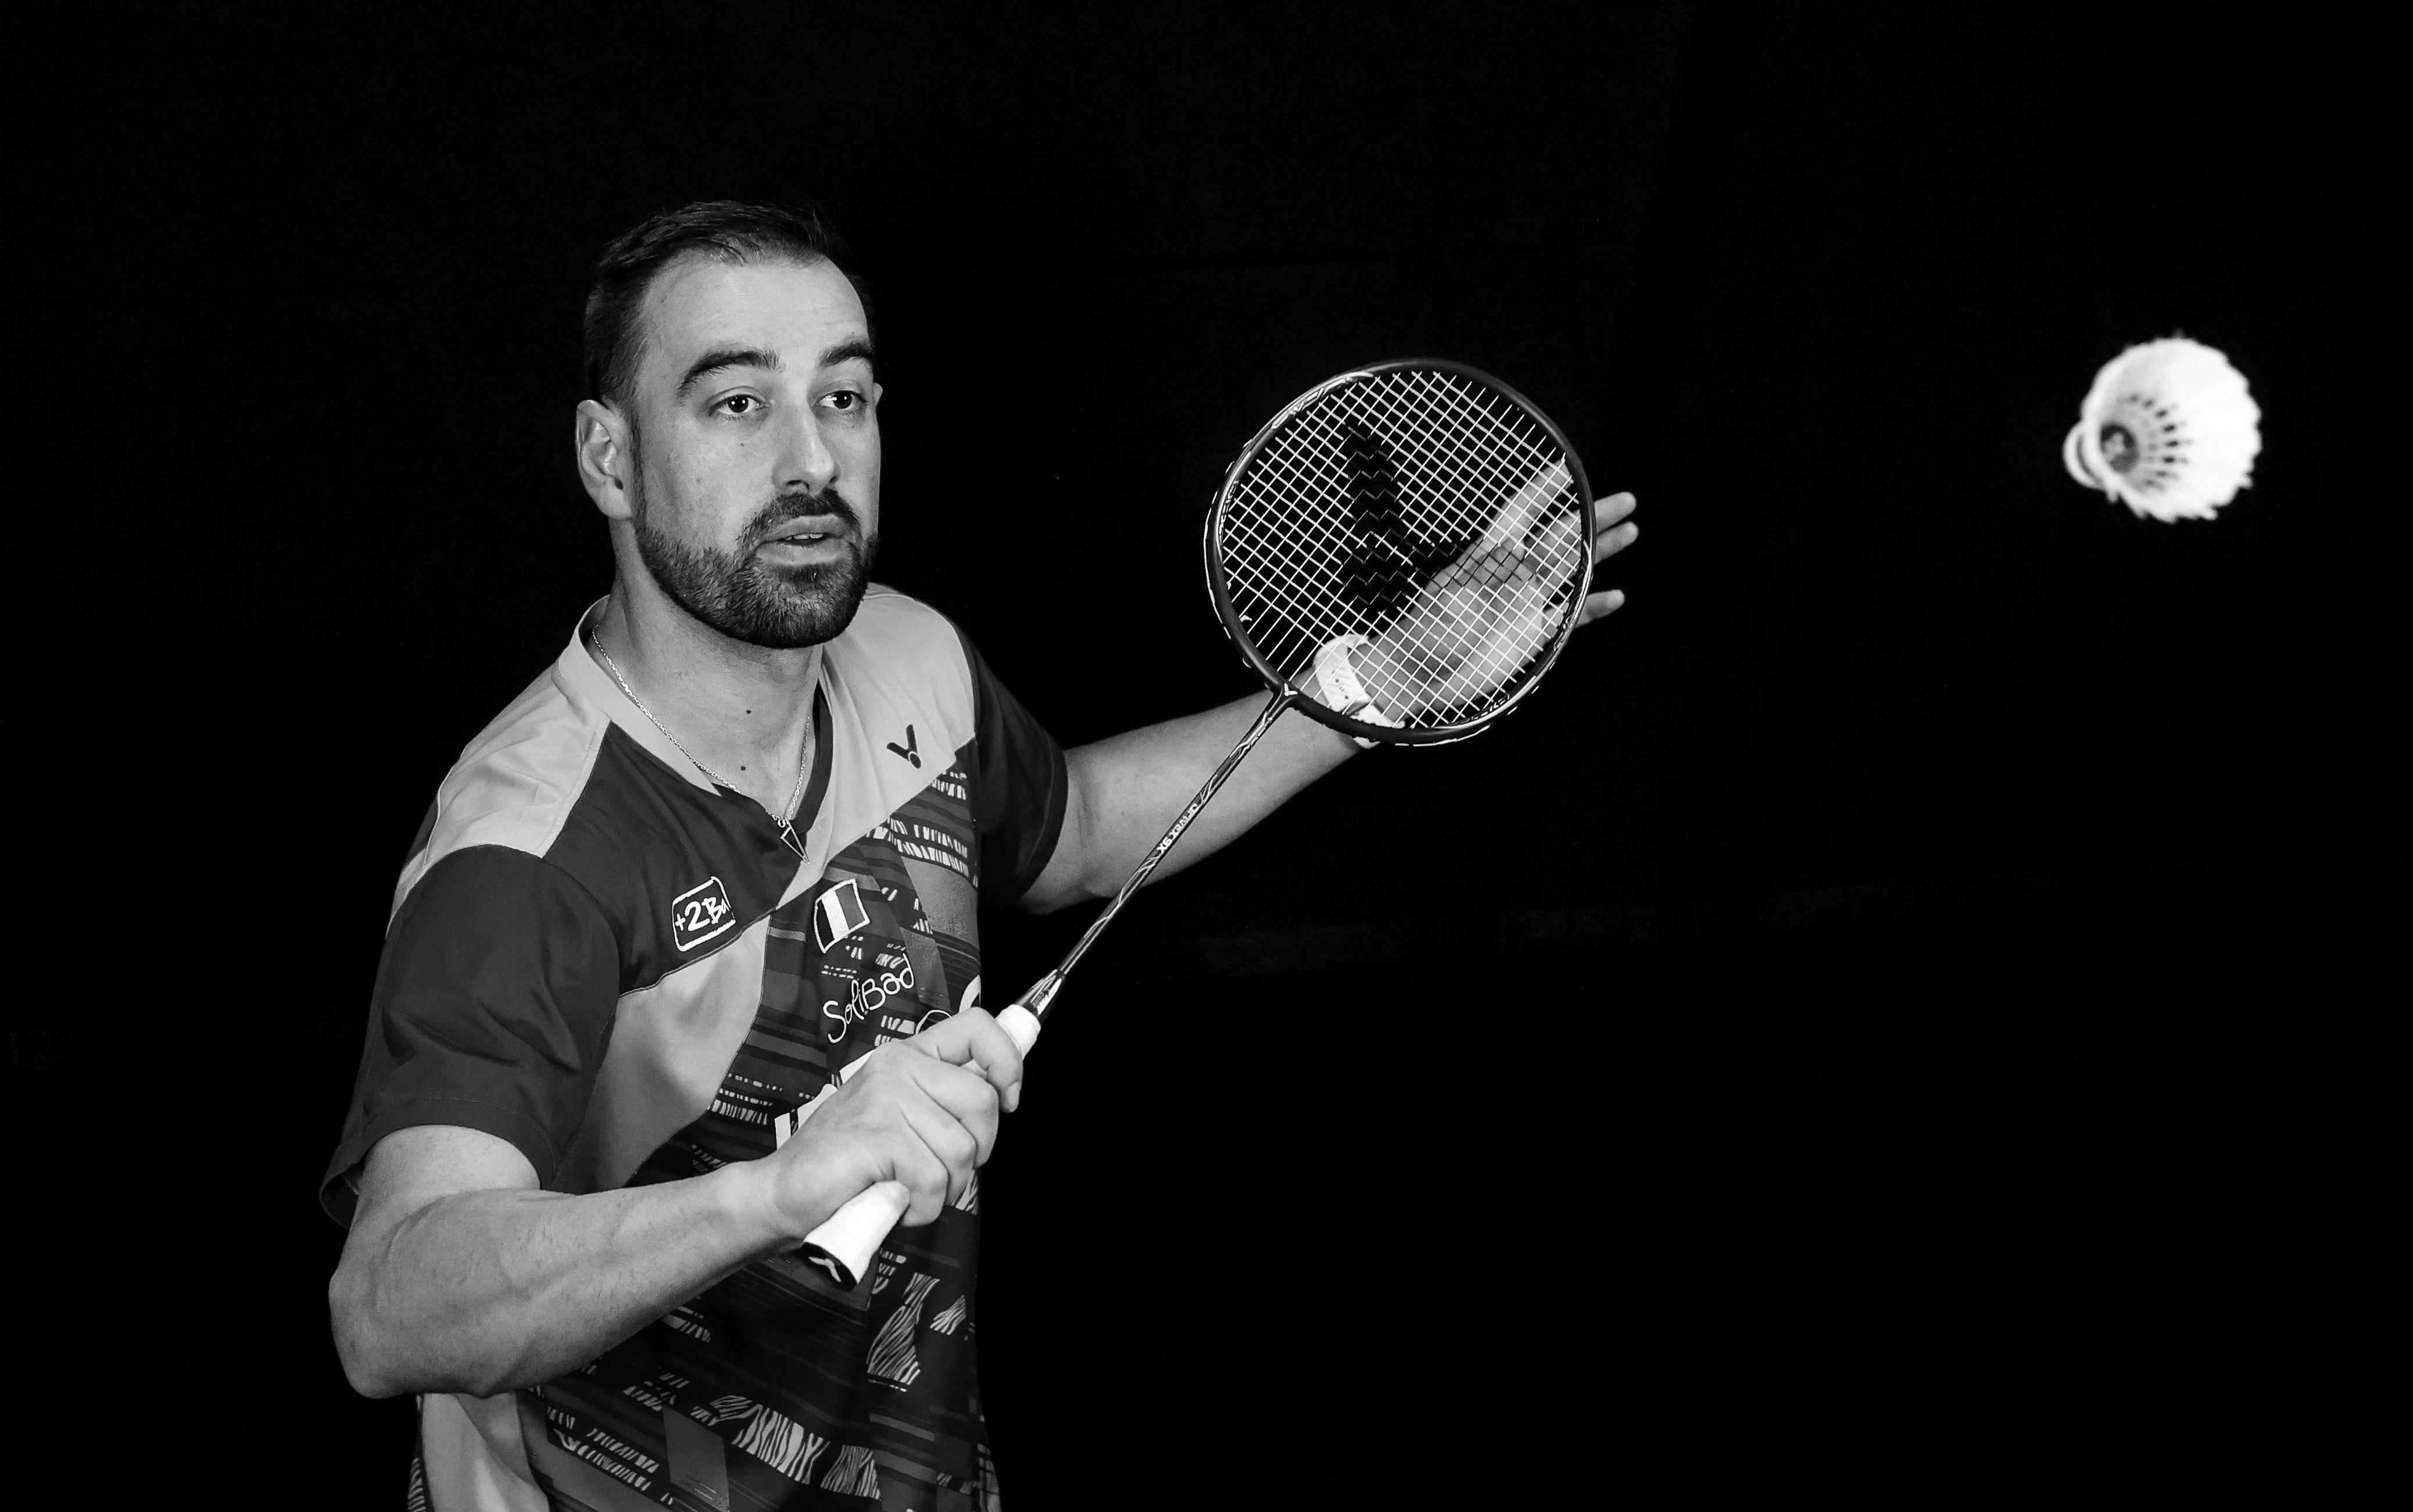 Crédit @BadmintonPhoto